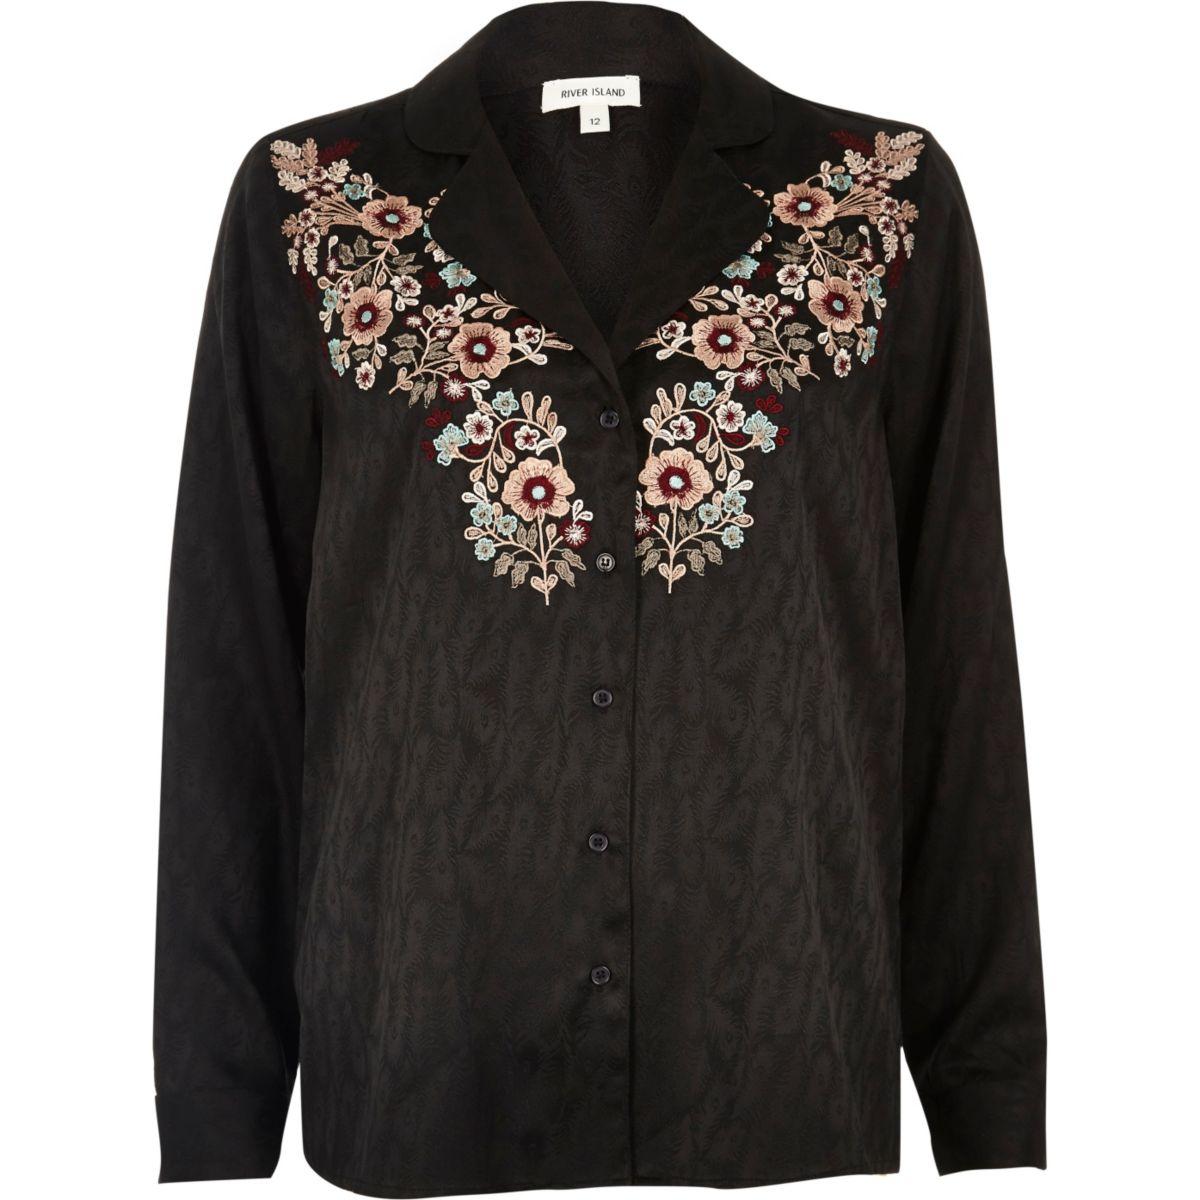 Schwarzes Jacquard-Hemd mit Blumenstickerei